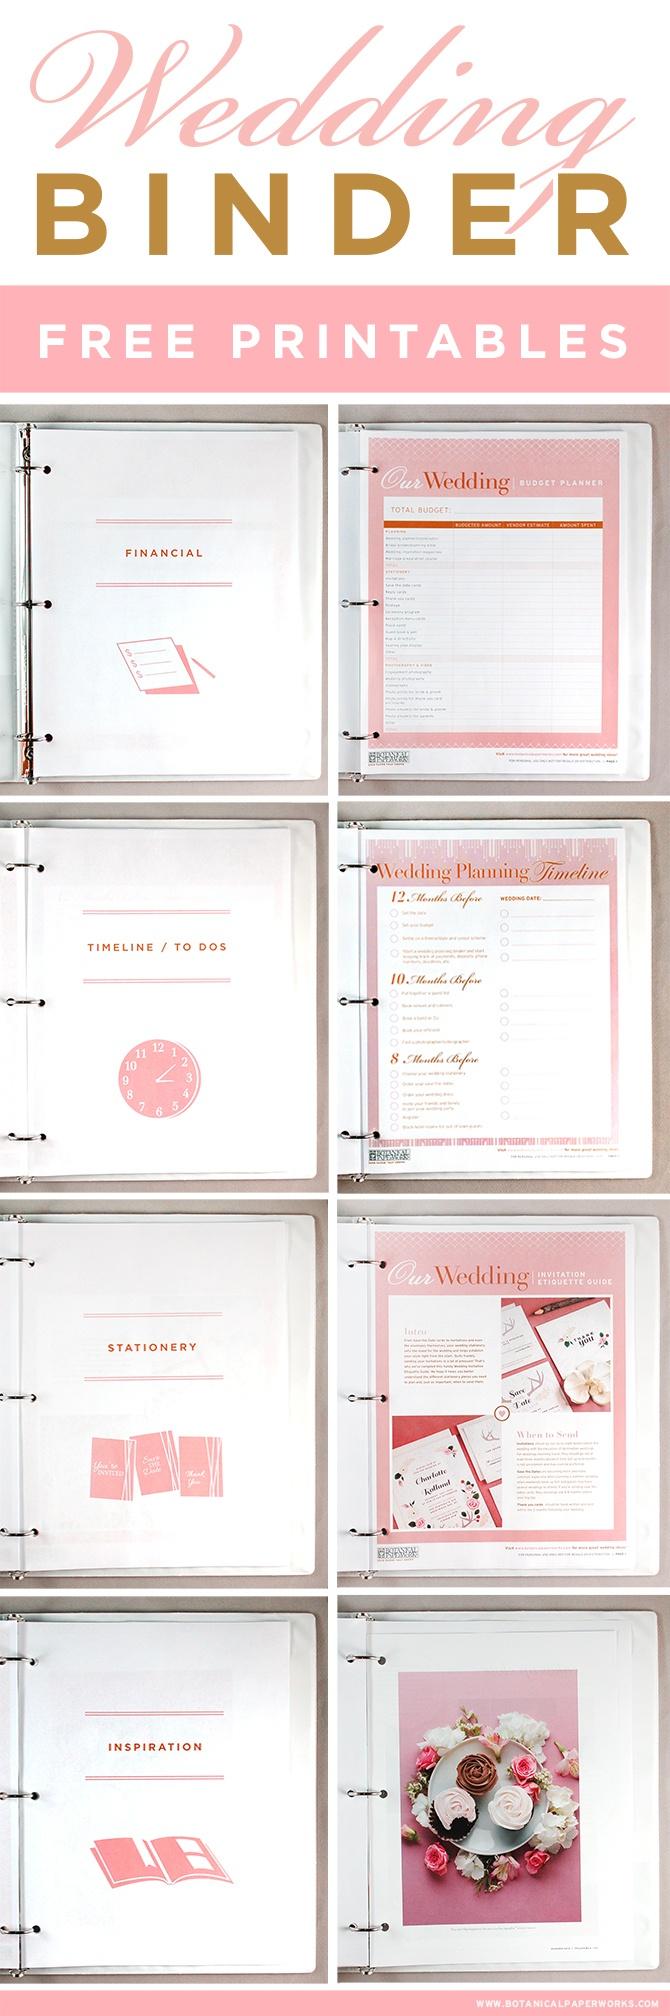 Free Printables} Wedding Planning Binder | Blog | Botanical Paperworks - Free Printable Wedding Organizer Templates